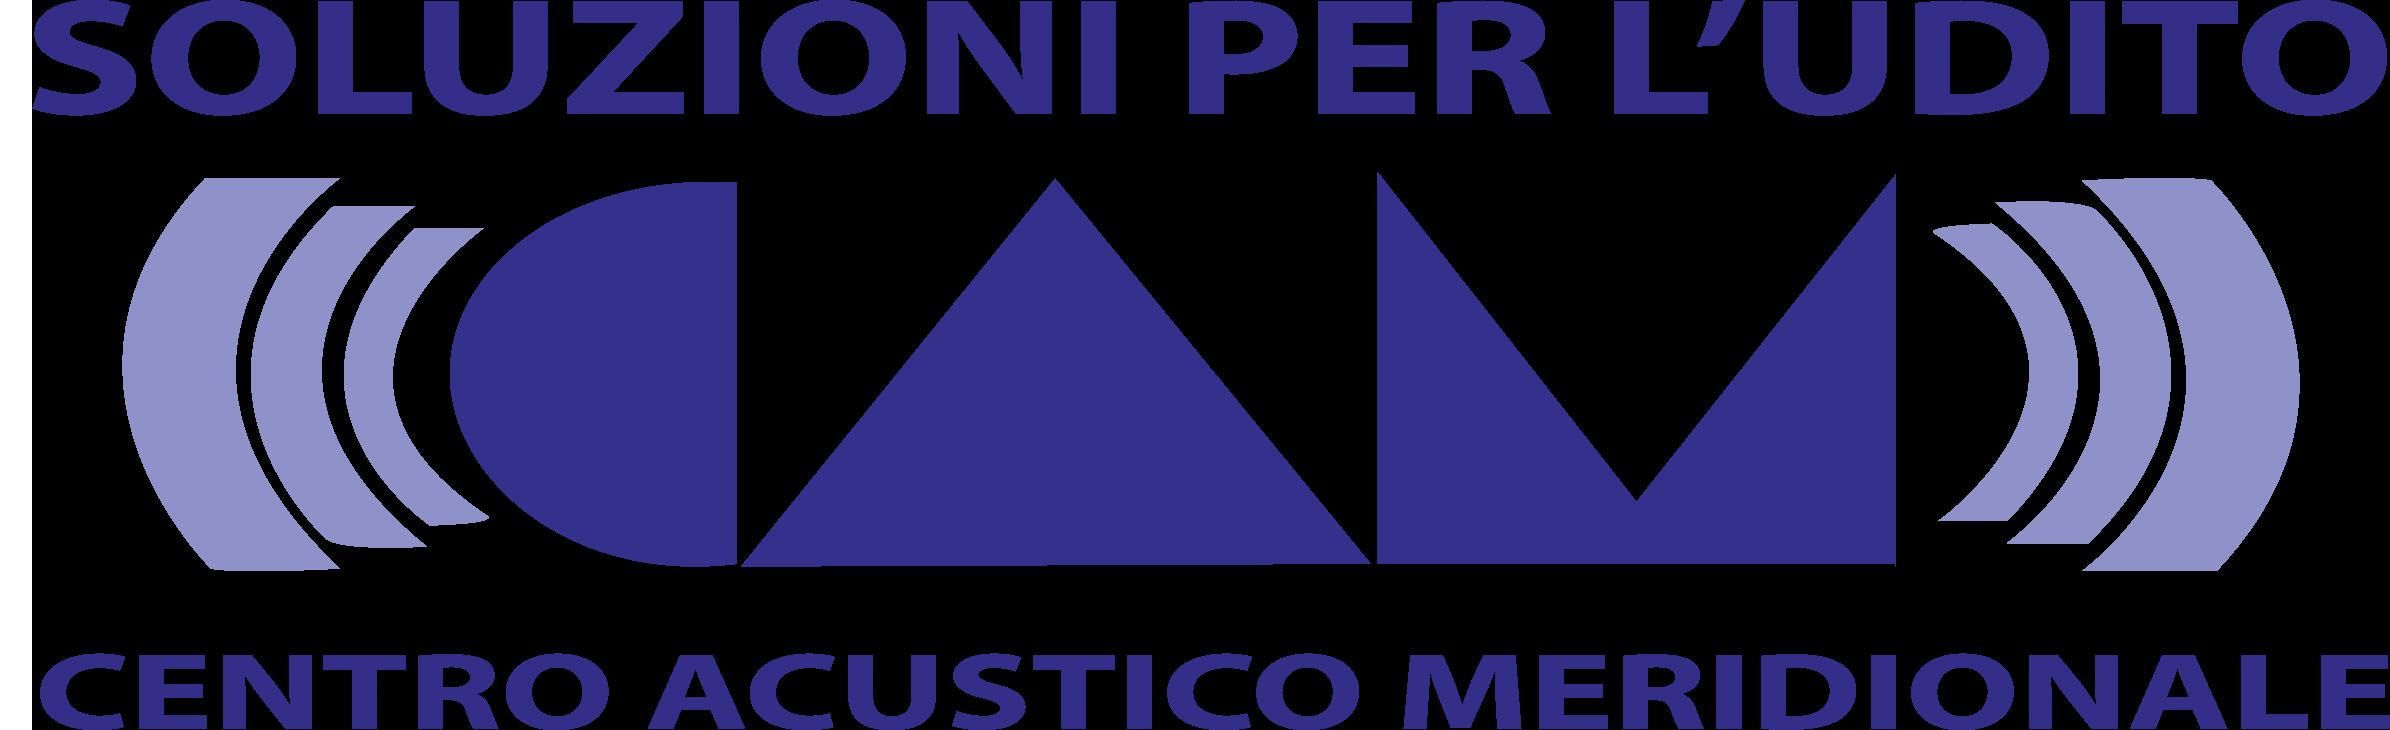 C.A.M. Centro Acustico Meridionale